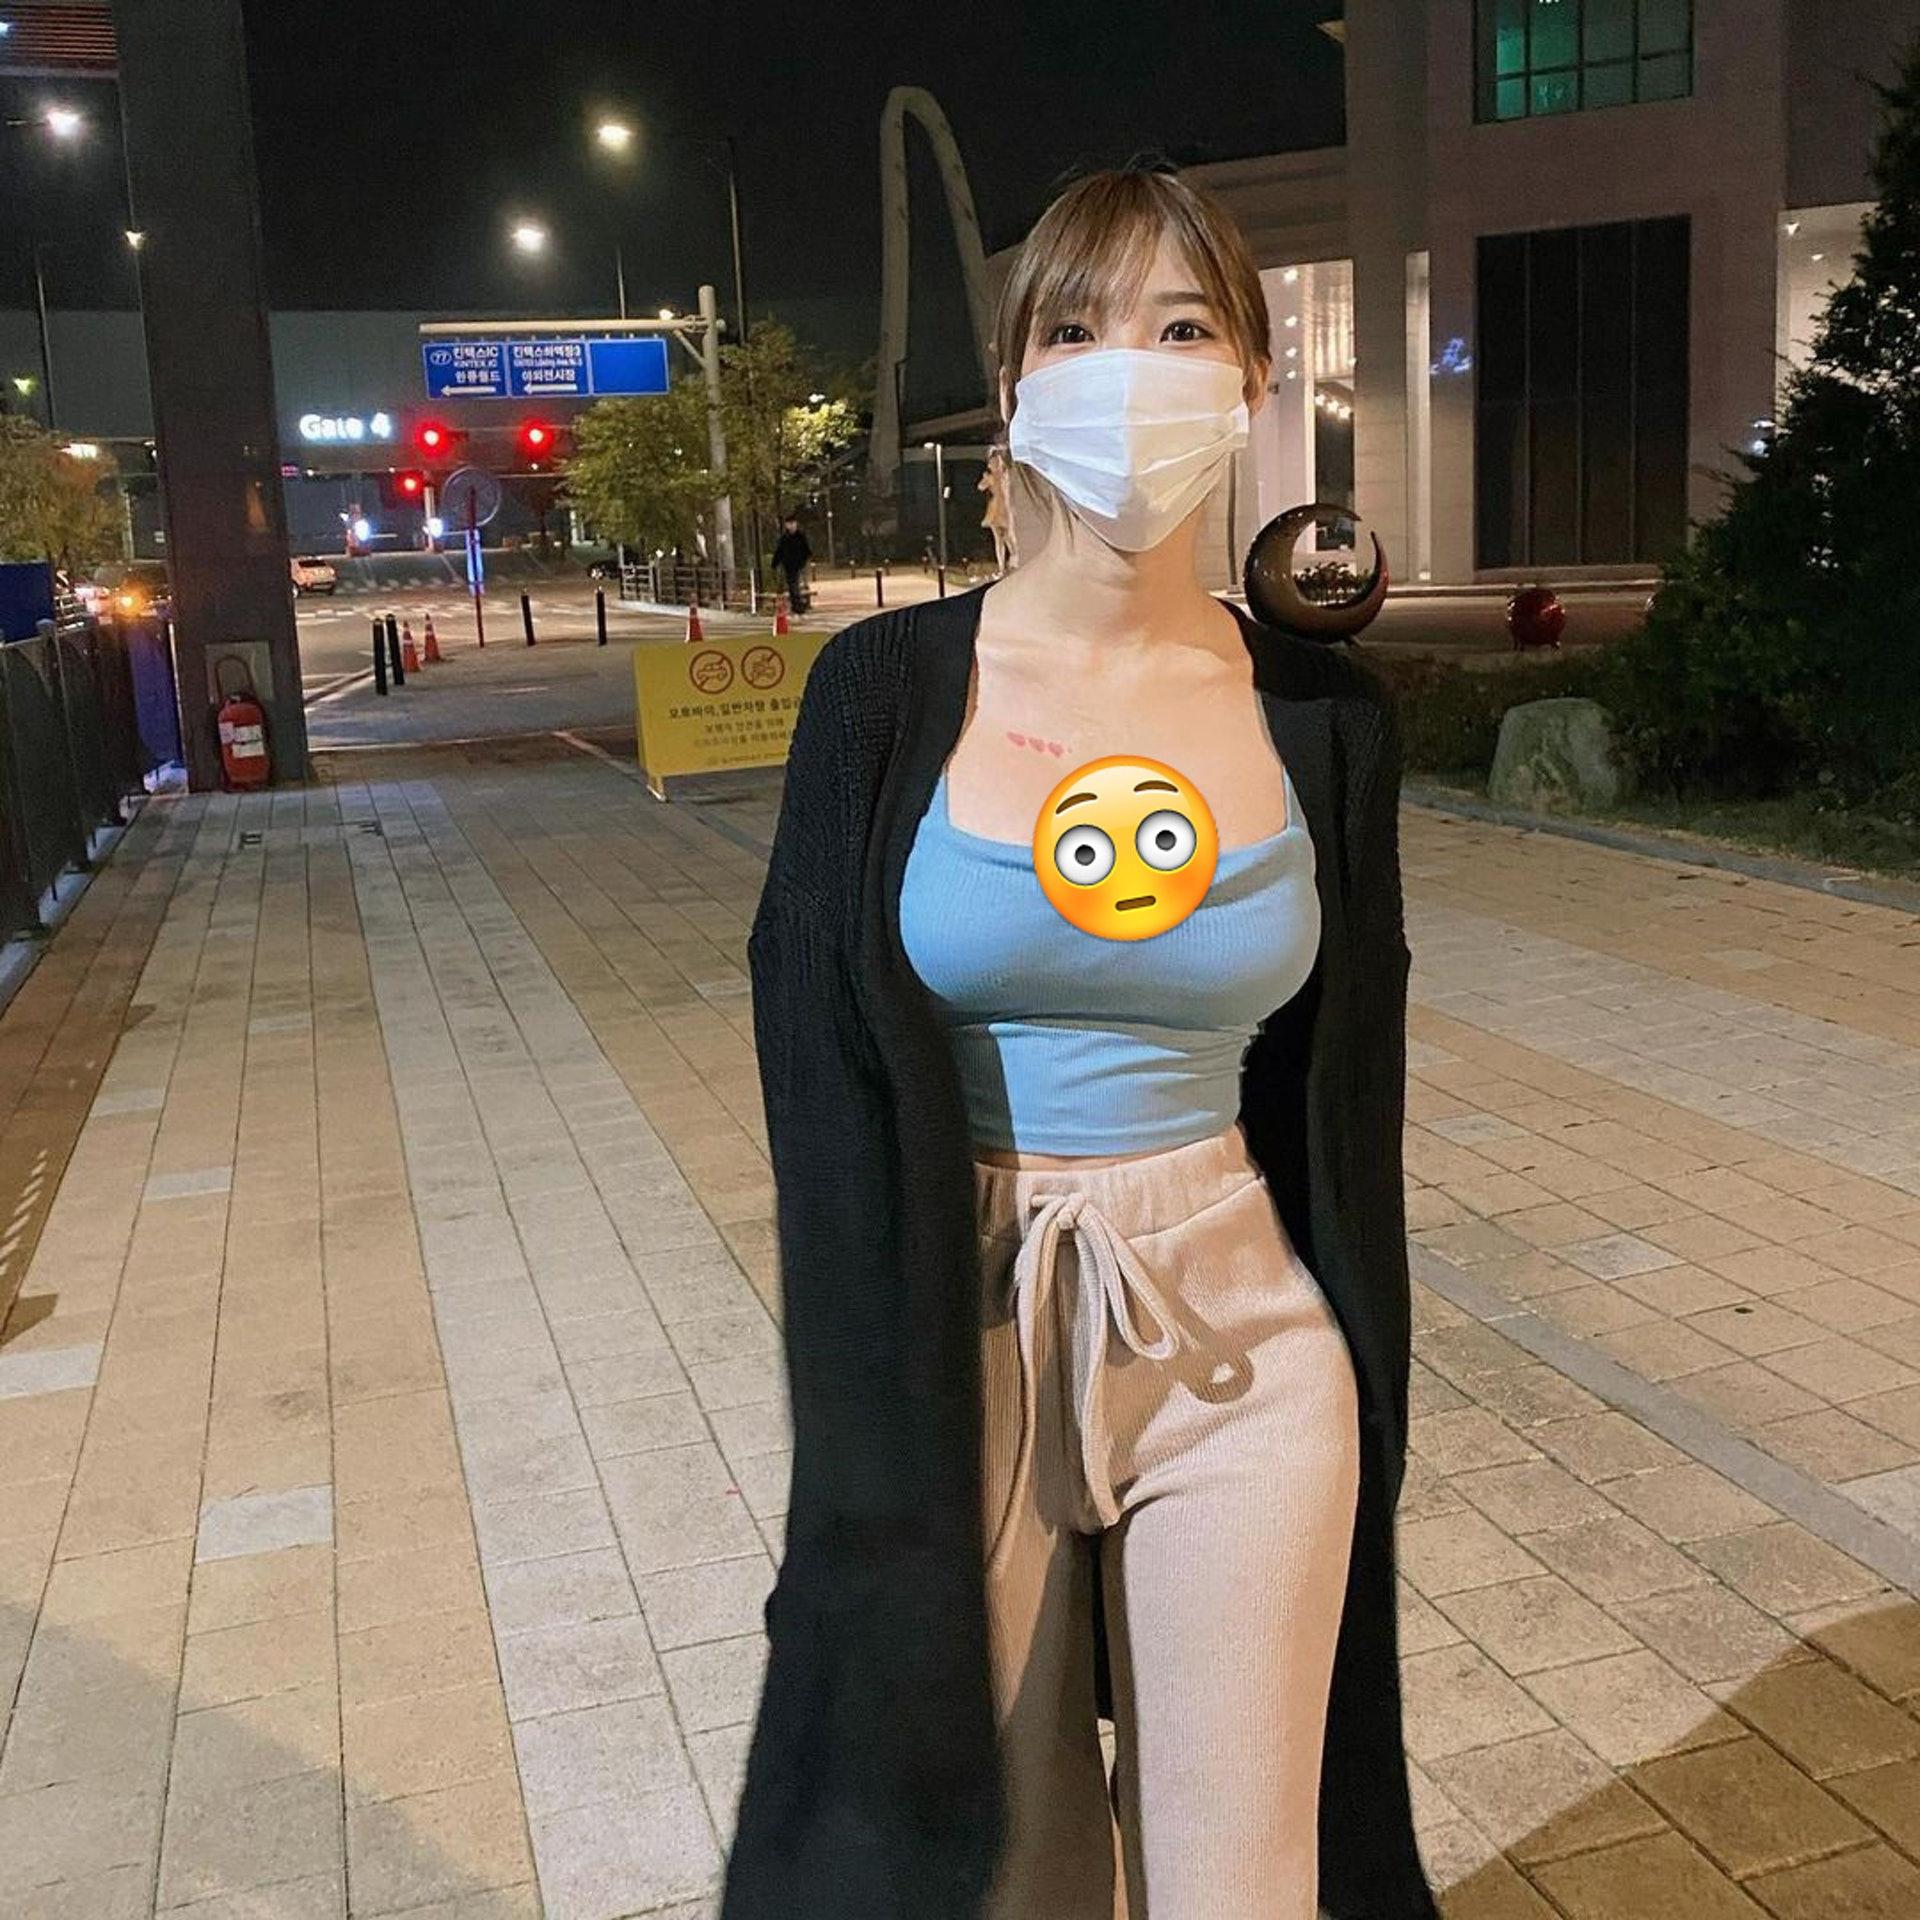 爆乳口罩美女因照片疯传爆红 网民急起底 真人更好看